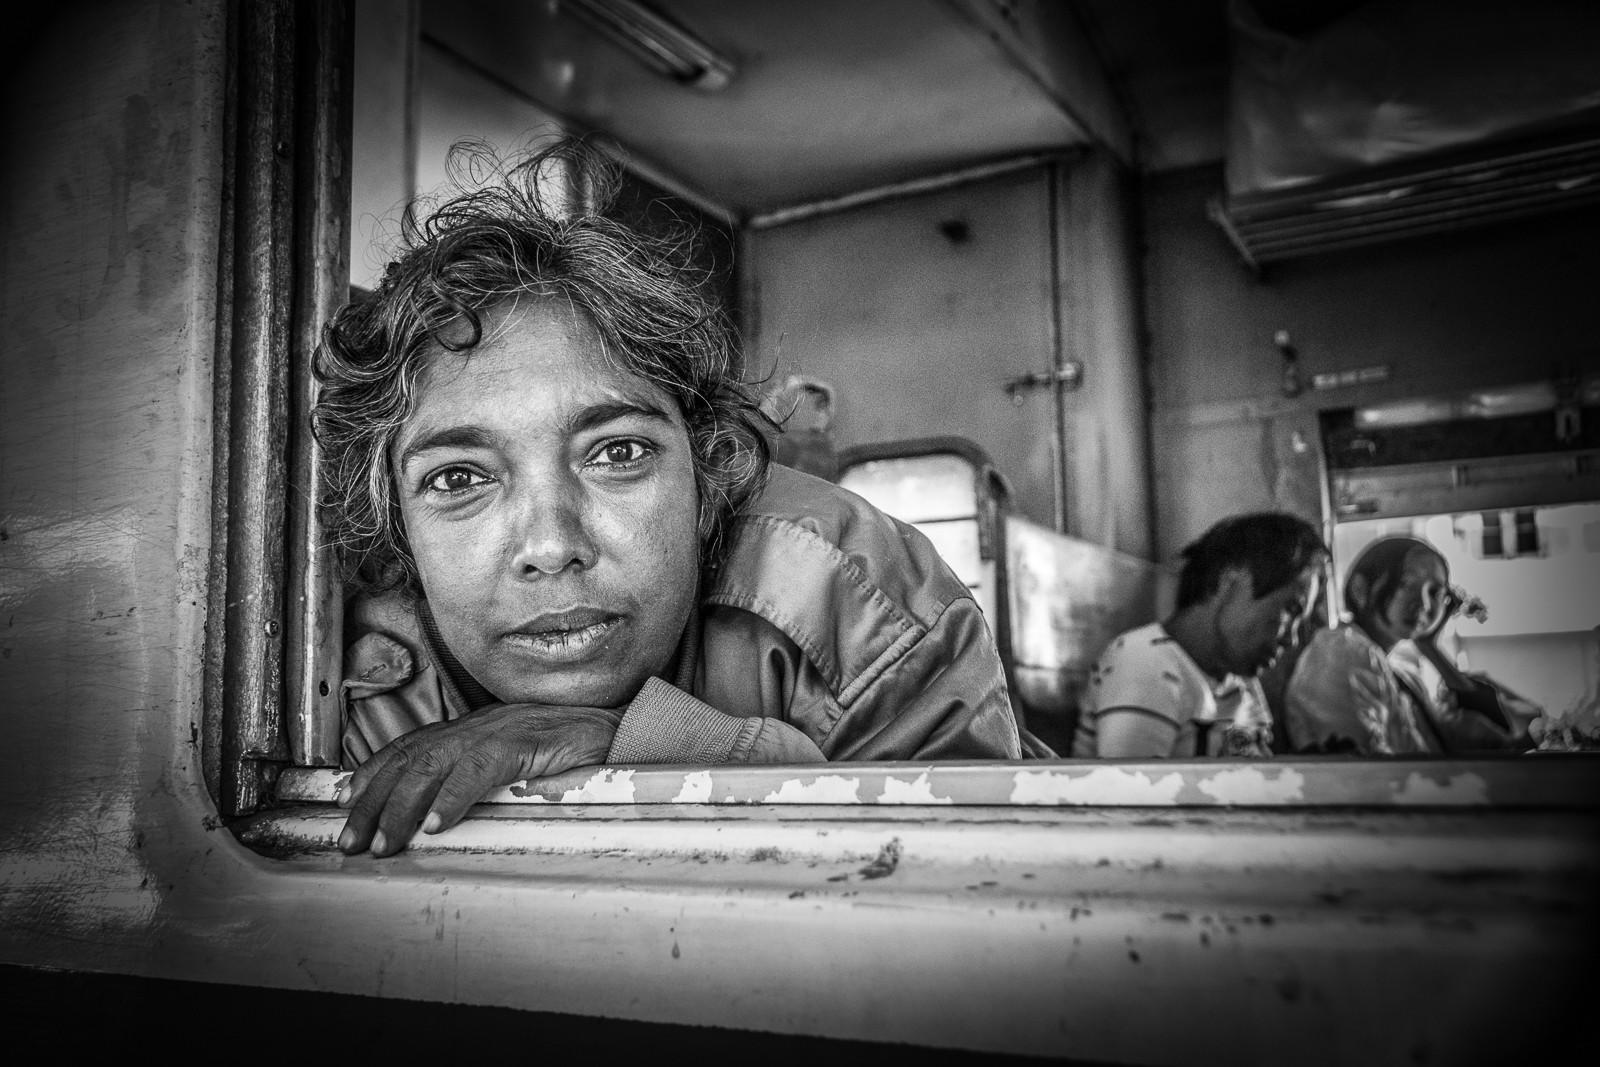 MONO - Burmese train passenger by Elsie Fairley (12 marks)